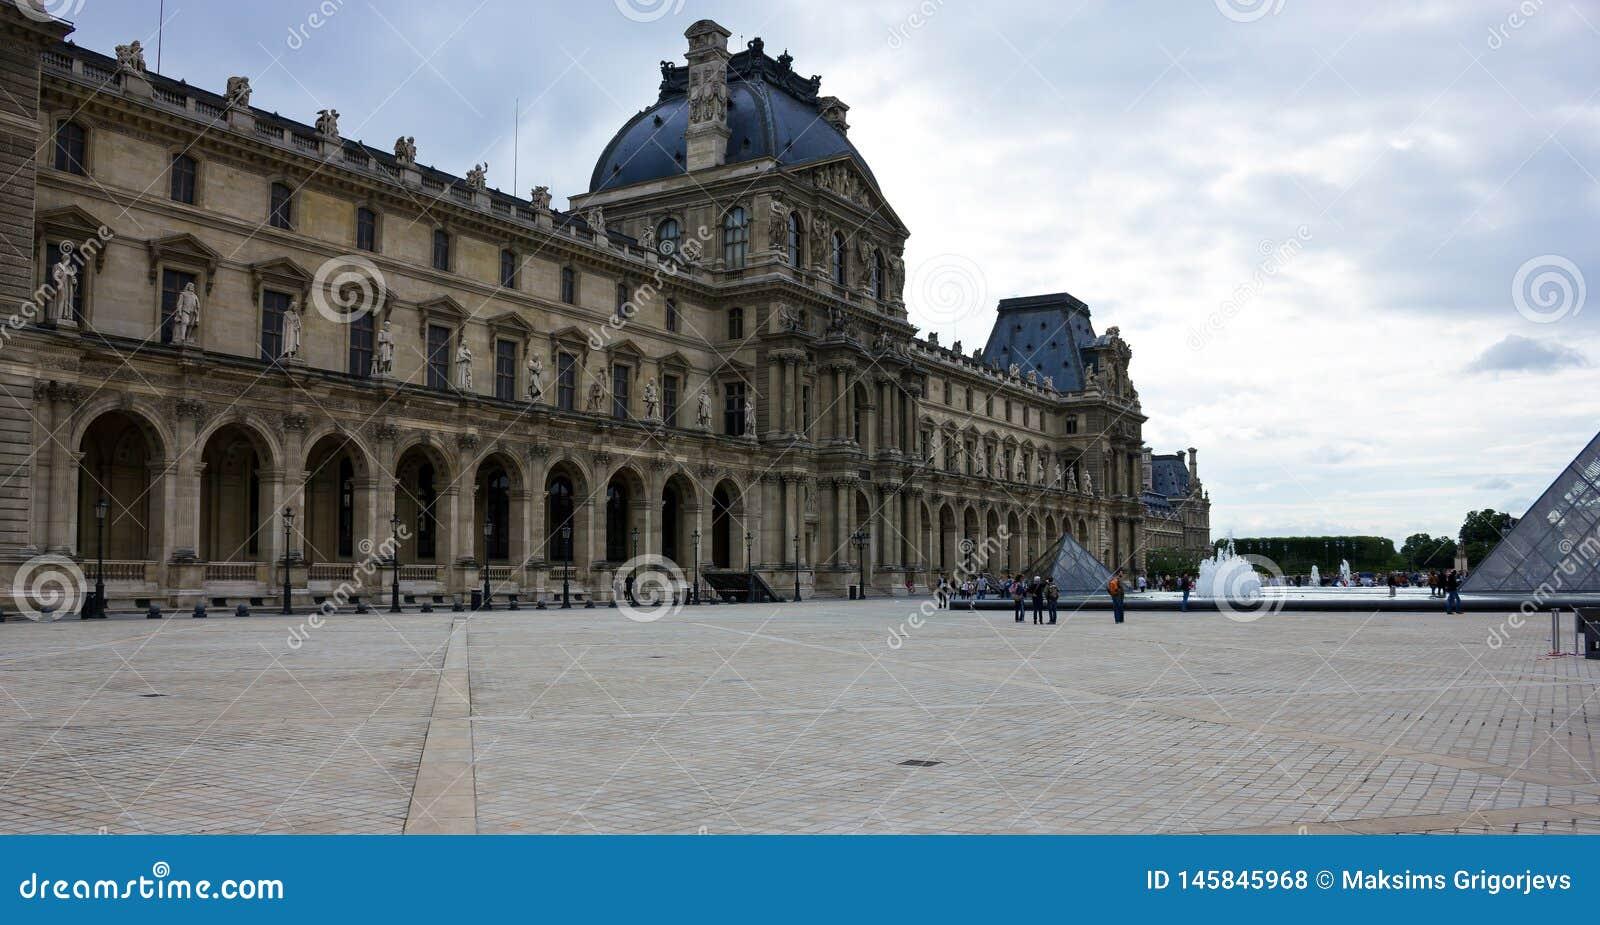 Το παλάτι του Λούβρου στο Παρίσι, Γαλλία, στις 25 Ιουνίου 2013